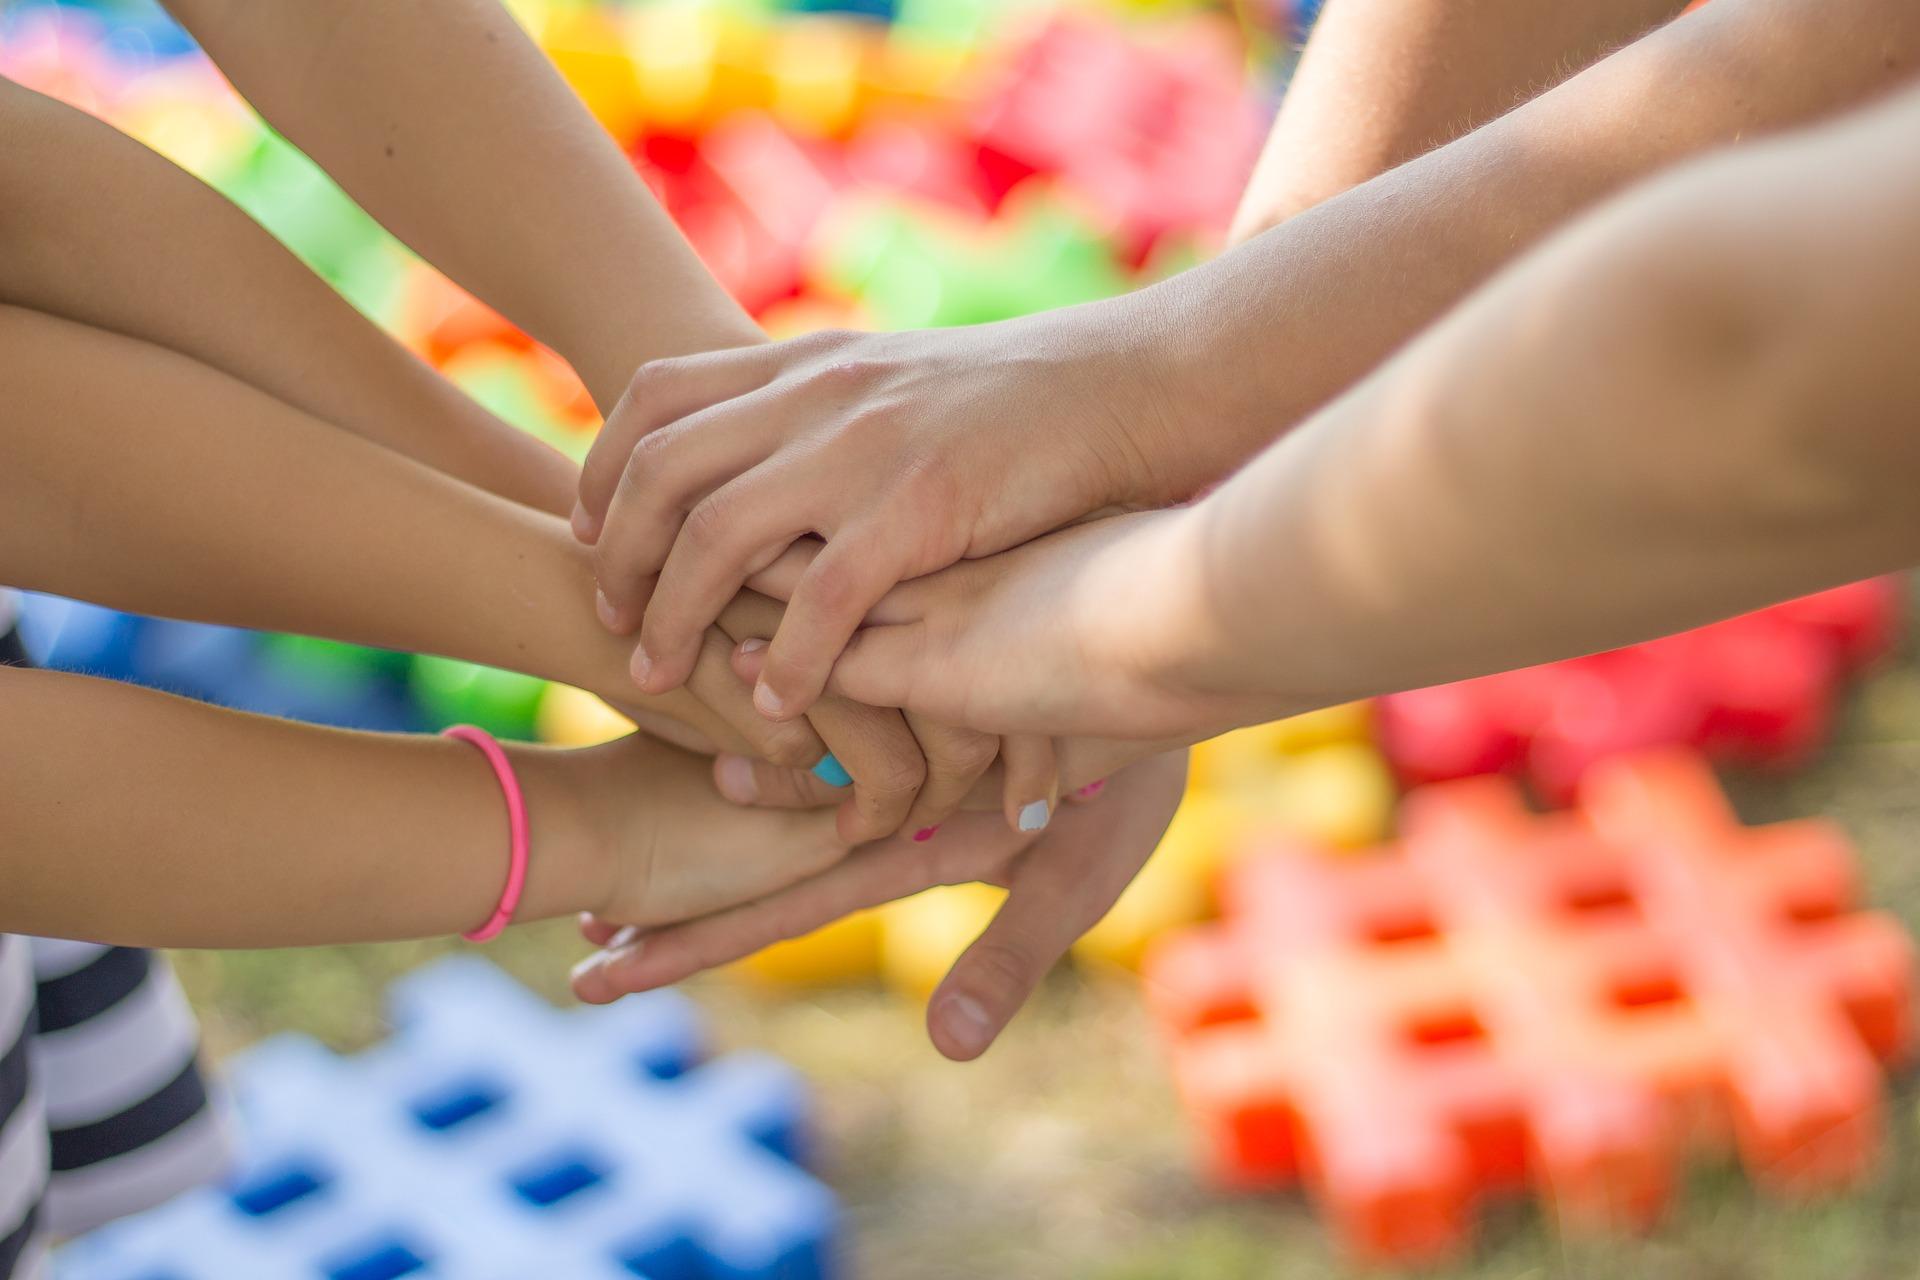 Dzień dziecka –  4 pomysły na idealny prezent